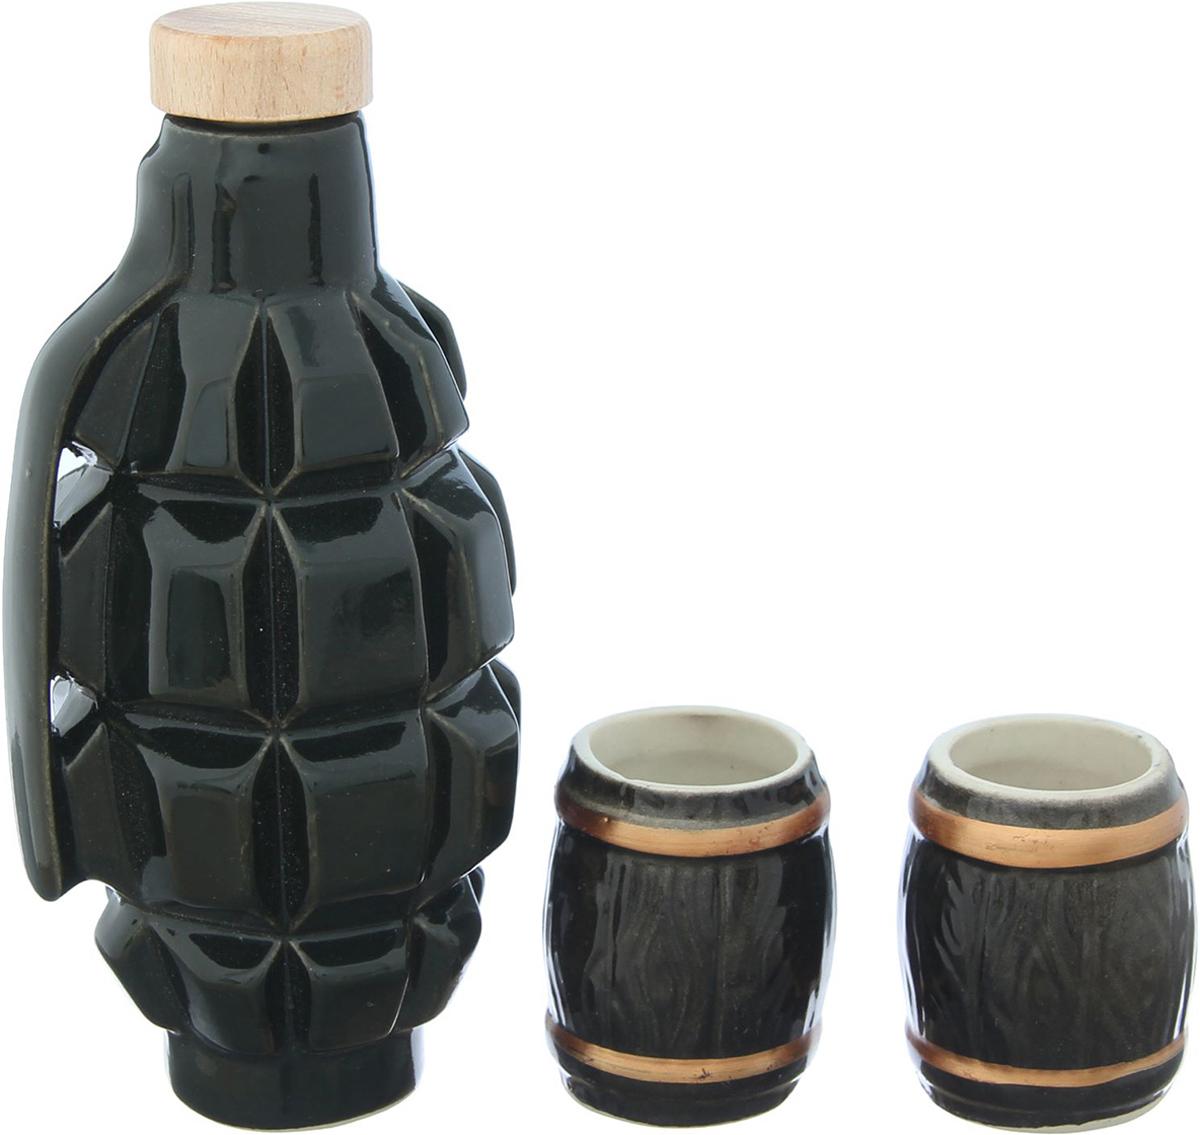 Набор винный Керамика ручной работы Граната Ф1, 3 предмета. 21743832174383Сосуд изготовлен из керамики - прочного материала, способного сохранять температуру жидкости до 4 часов. Он предназначен для хранения вина, водки, коньяка и настойки. На праздничном ужине такая подача алкоголя приятно удивит ваших гостей. Кроме этого, сувенир может стать отличным подарком для ценителей качественных спиртных напитков.